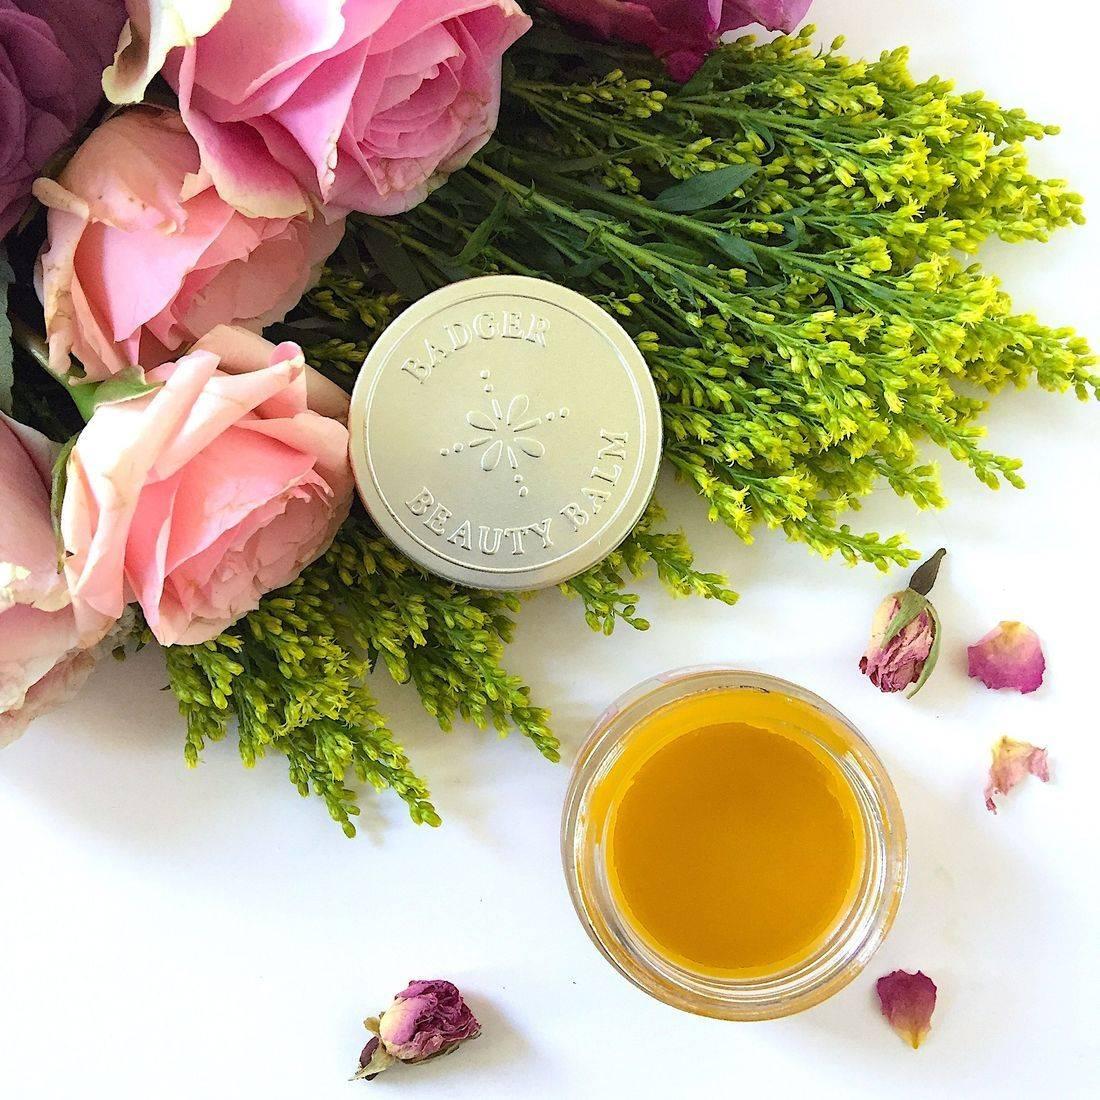 niu body rose beauty, rosepost box, rose gift box, clean beauty box, rose-infused, rose water, rose serum